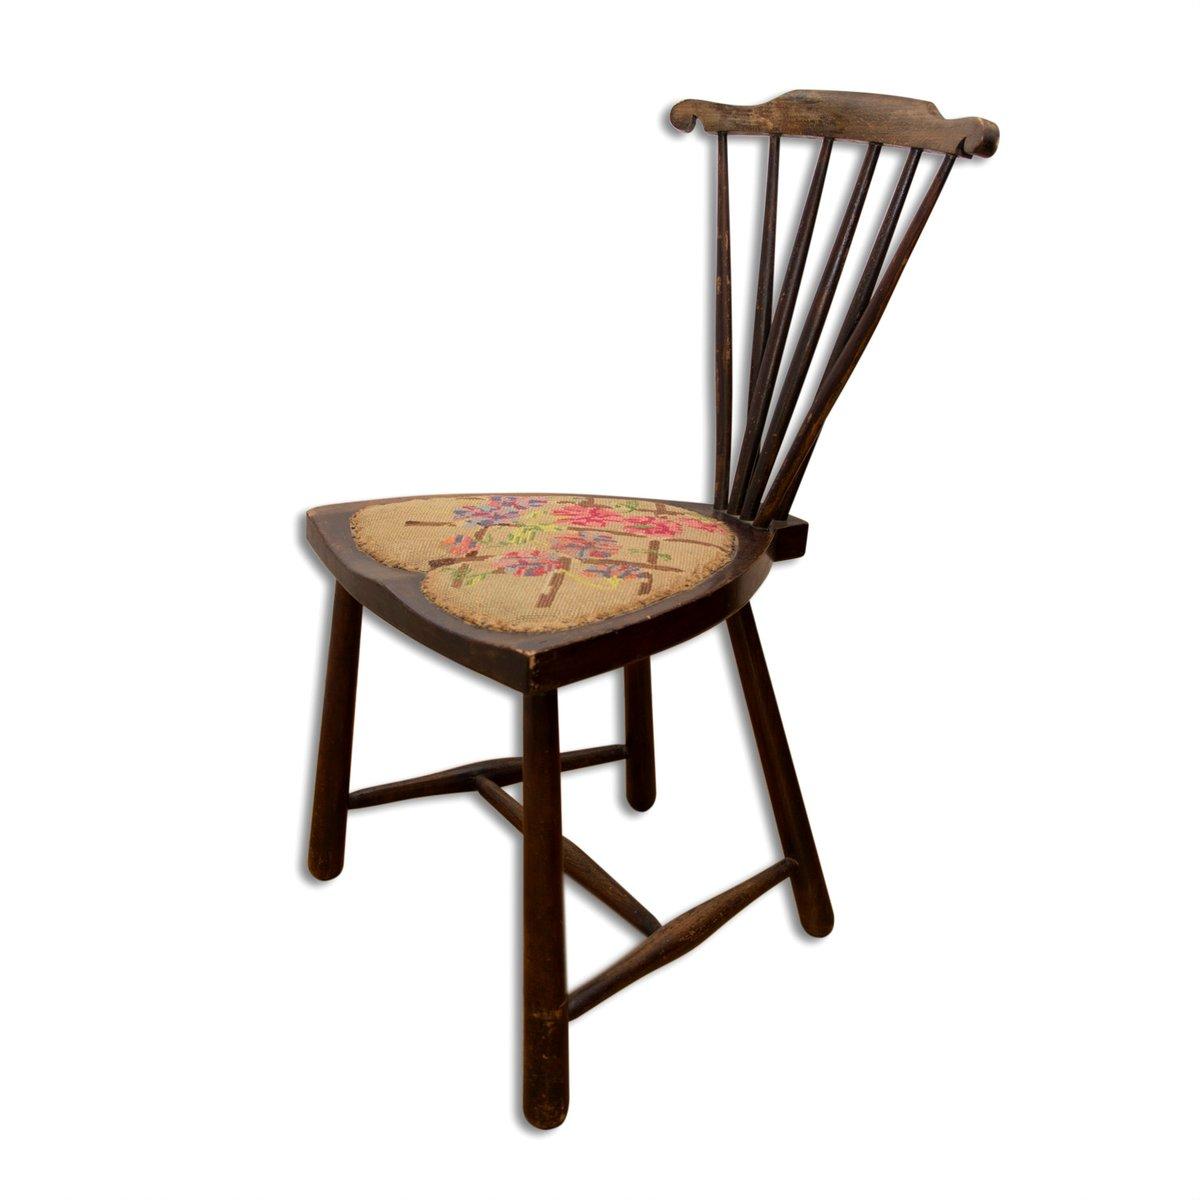 windsor stuhl mit f cher r ckenlehne von adolf loos 1920er bei pamono kaufen. Black Bedroom Furniture Sets. Home Design Ideas